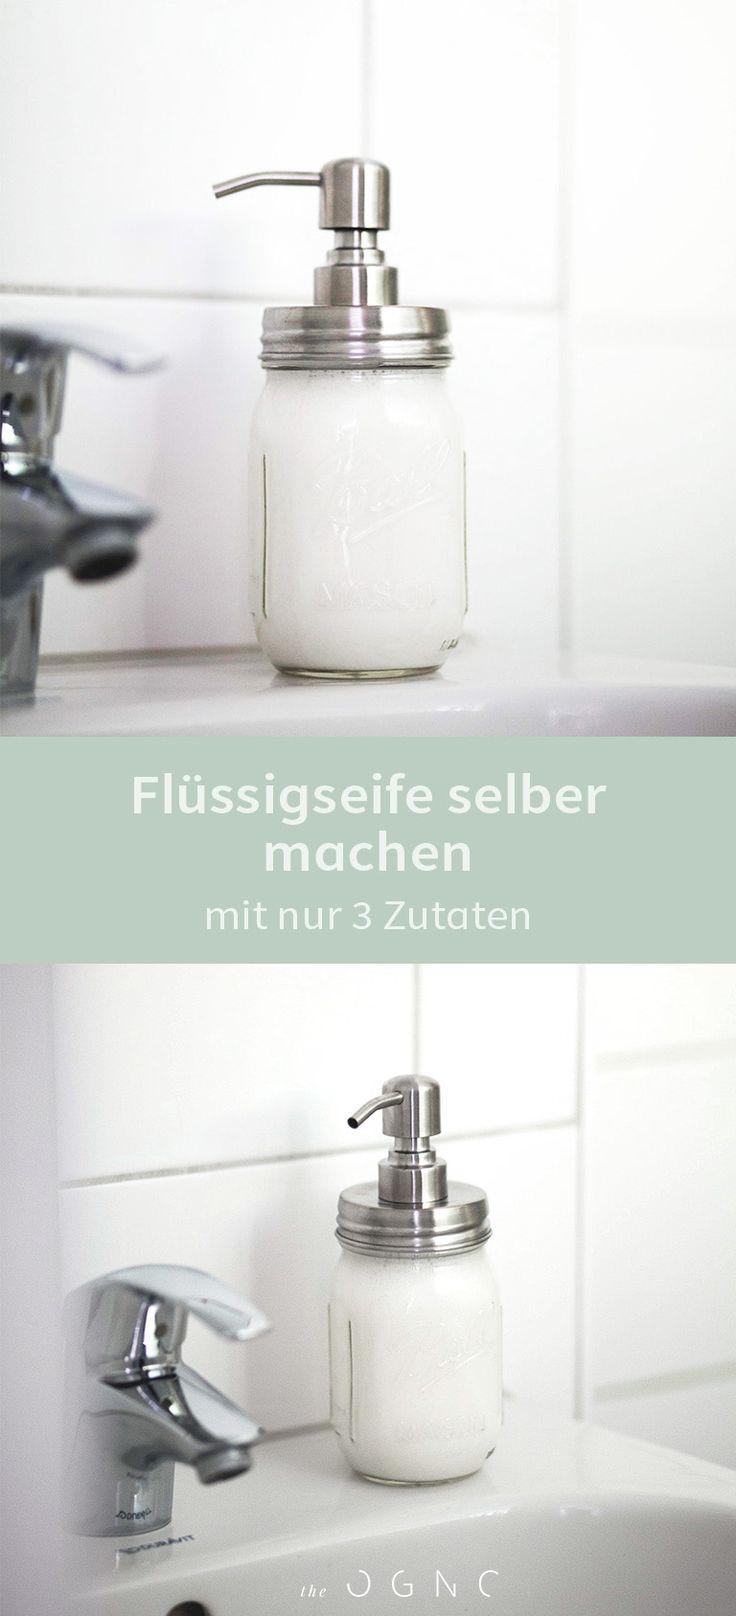 Nachhaltigkeit im Badezimmer – Flüssigseife selber machen – The OGNC – Ethical Fashion, Zero Waste & Green Lifestyle